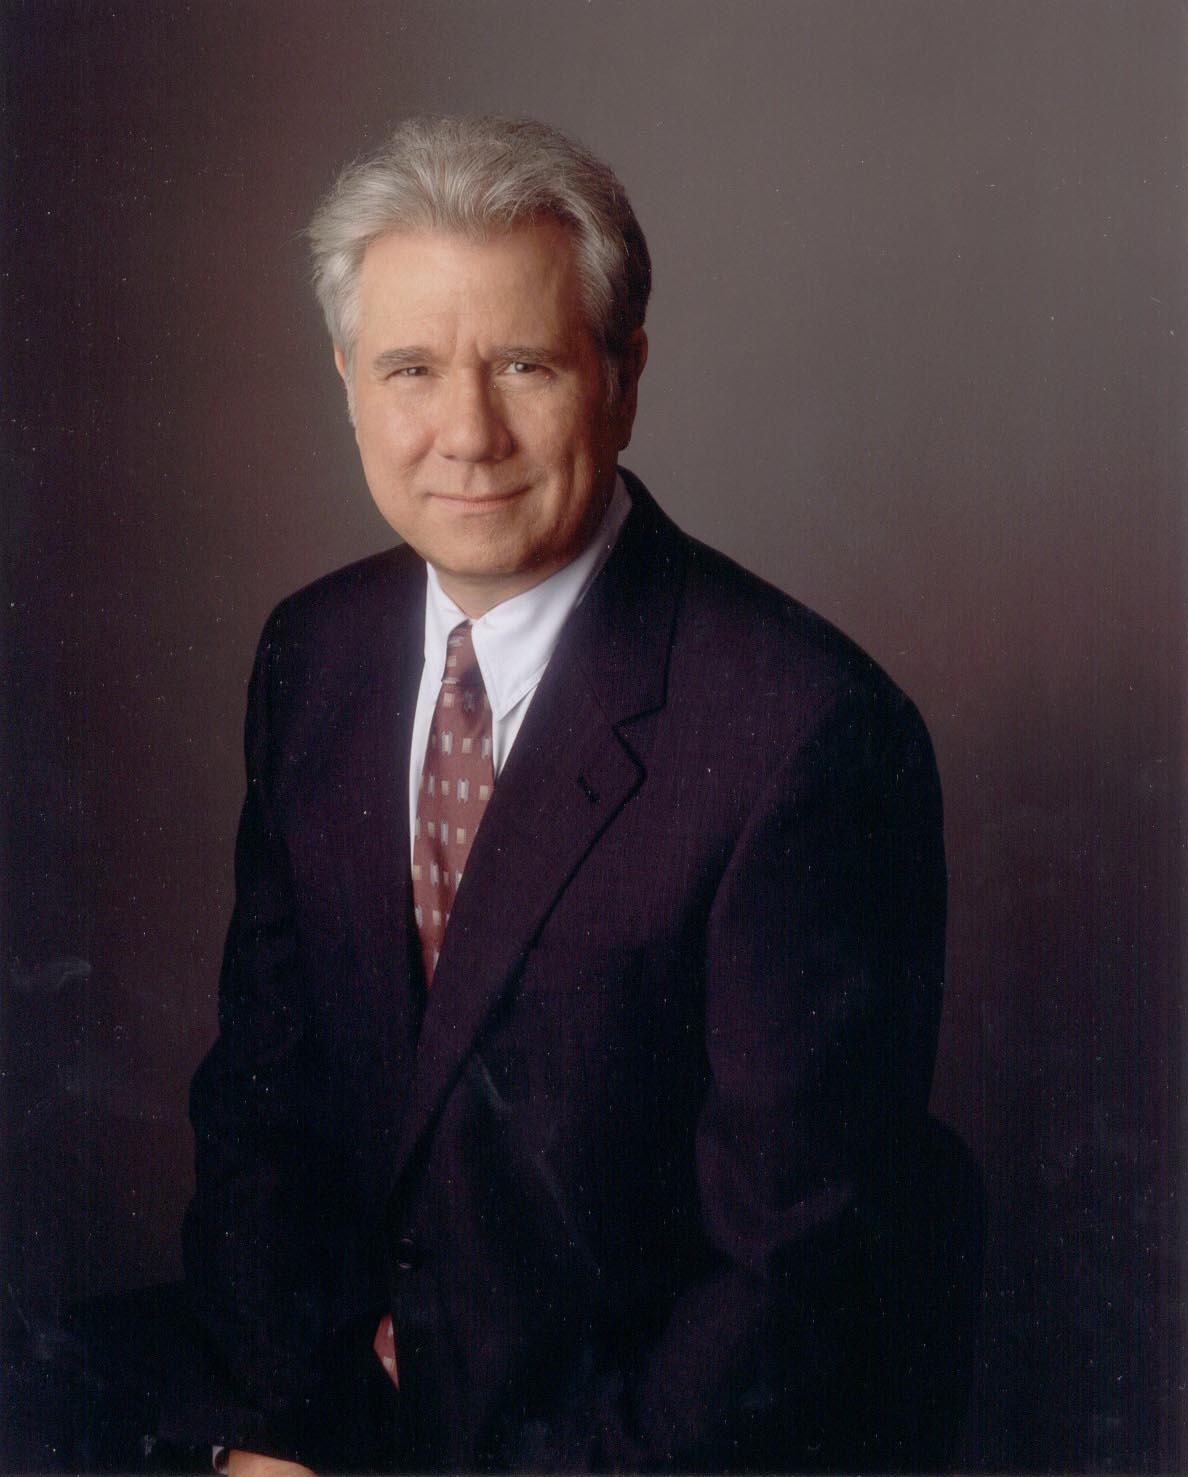 John Larroquette mcbride